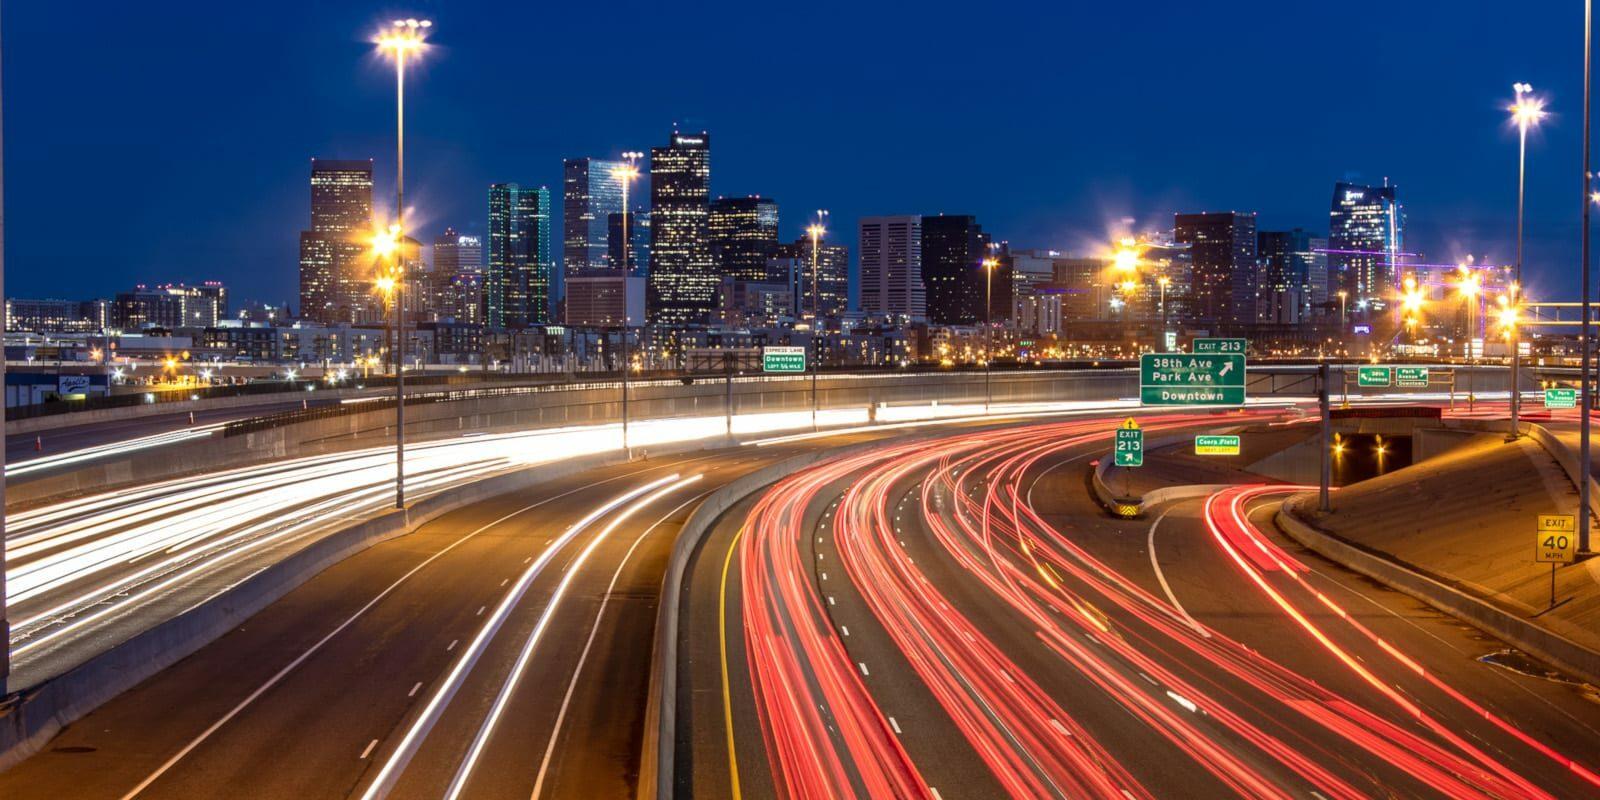 Freelance Colorado Denver Highway Night